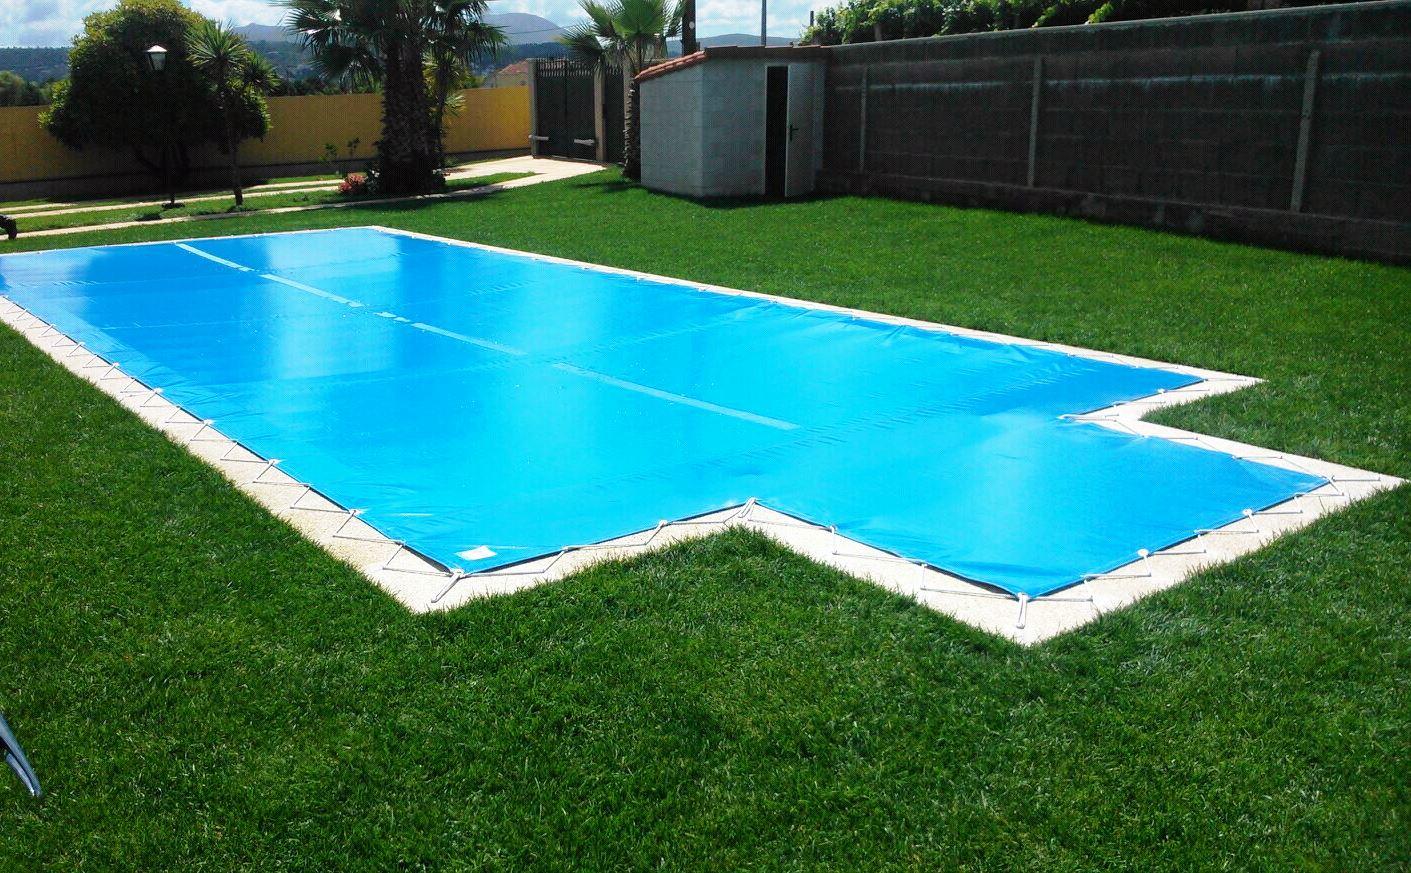 Lonas de piscina de alta calidad toldos porri o - Toldo para piscina ...